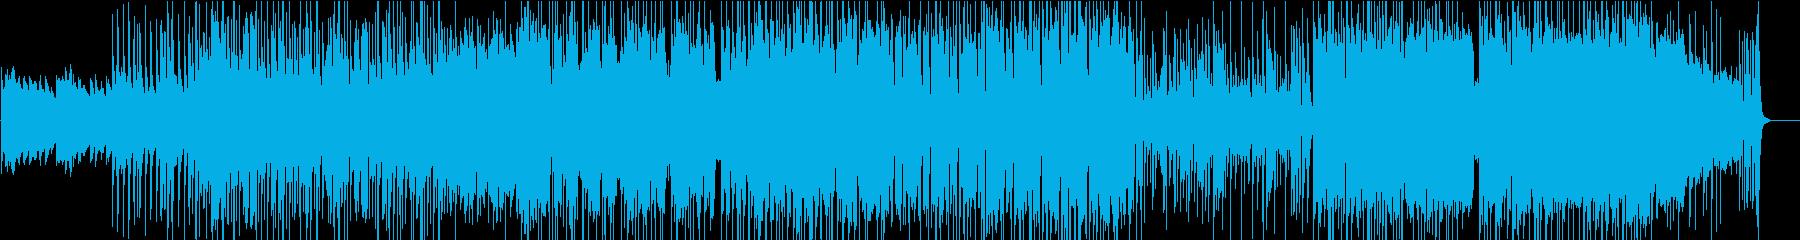 変拍子・ポリリズムを使ったエレクトロの再生済みの波形